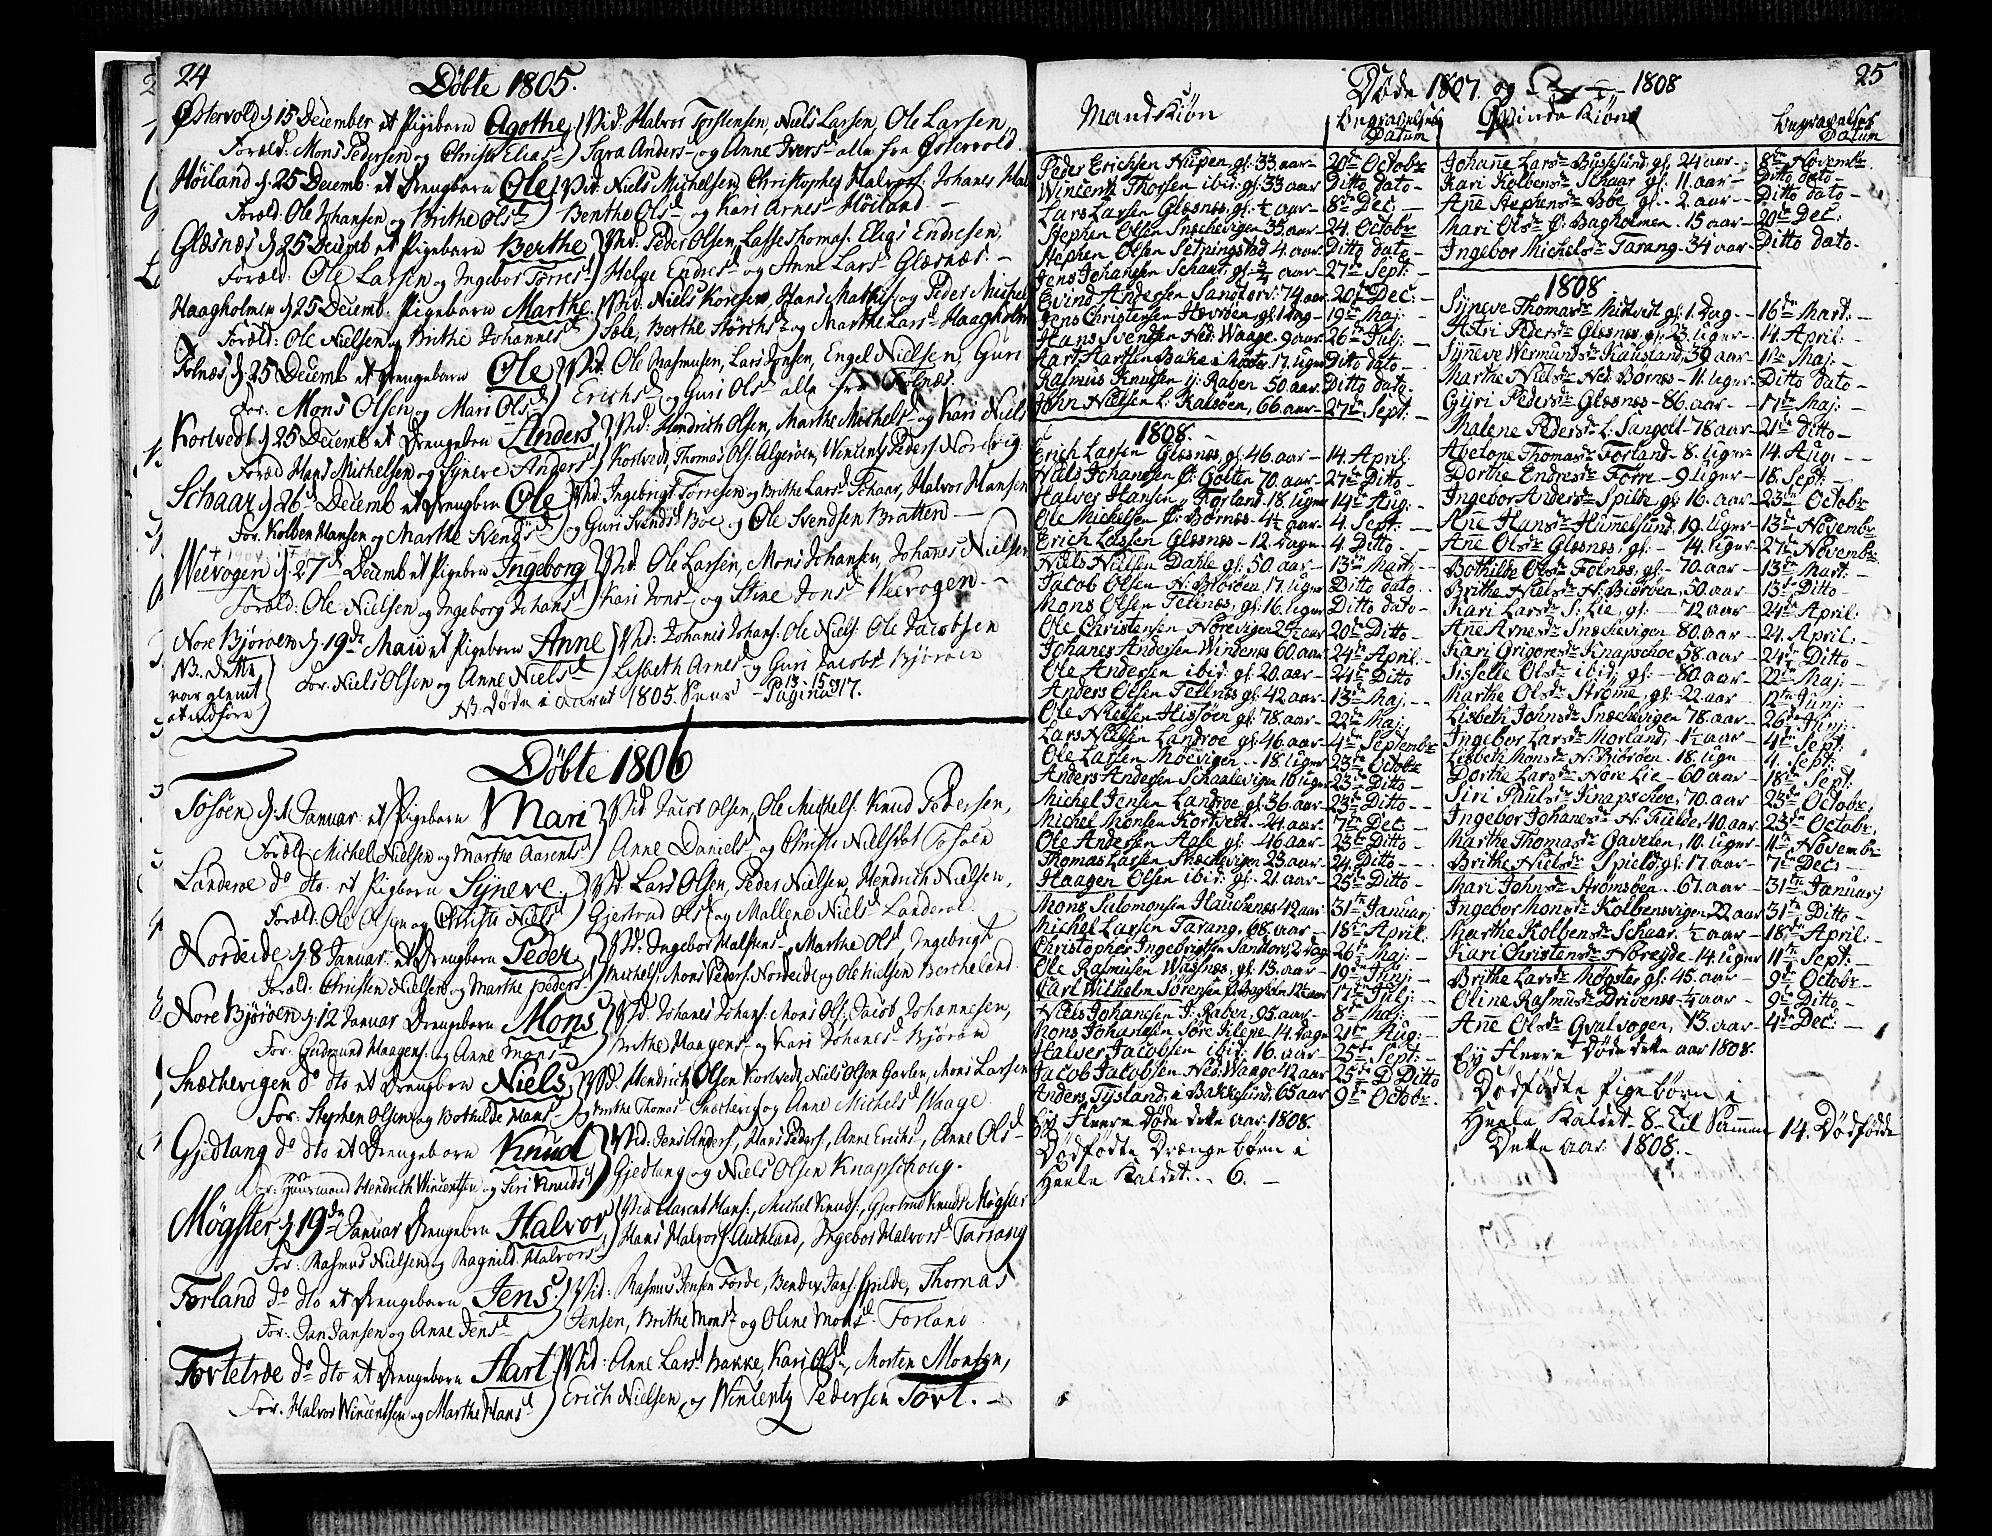 SAB, Sund sokneprestembete, Ministerialbok nr. A 10, 1804-1818, s. 24-25